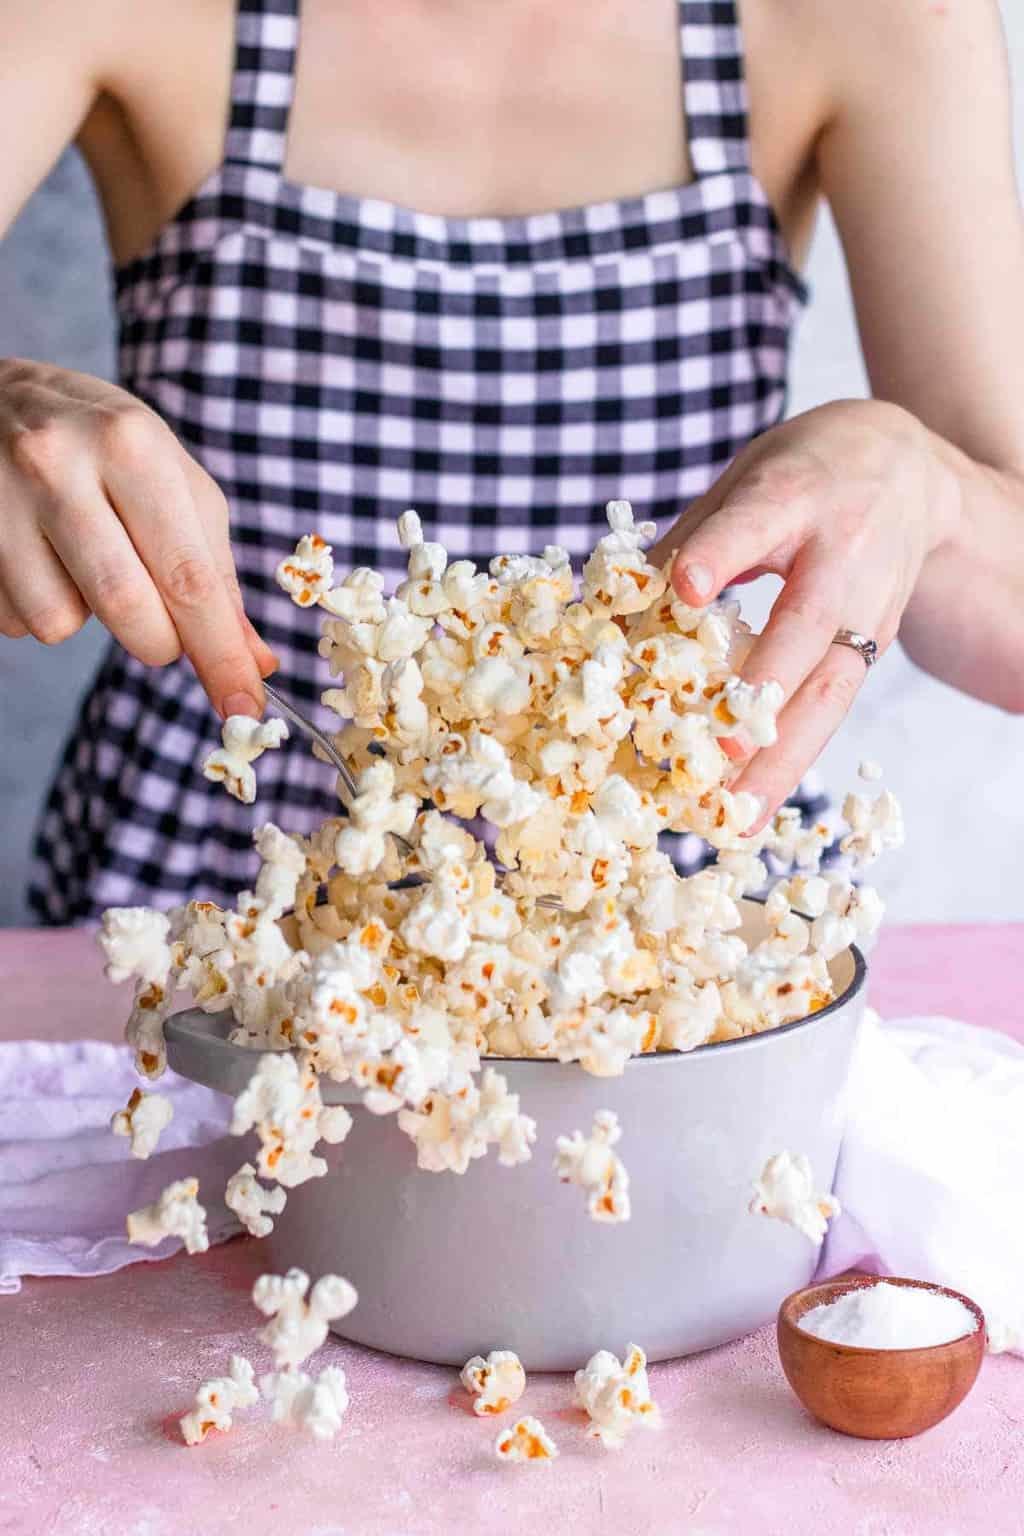 Stovetop Popcorn Recipe Heathy Snack Idea